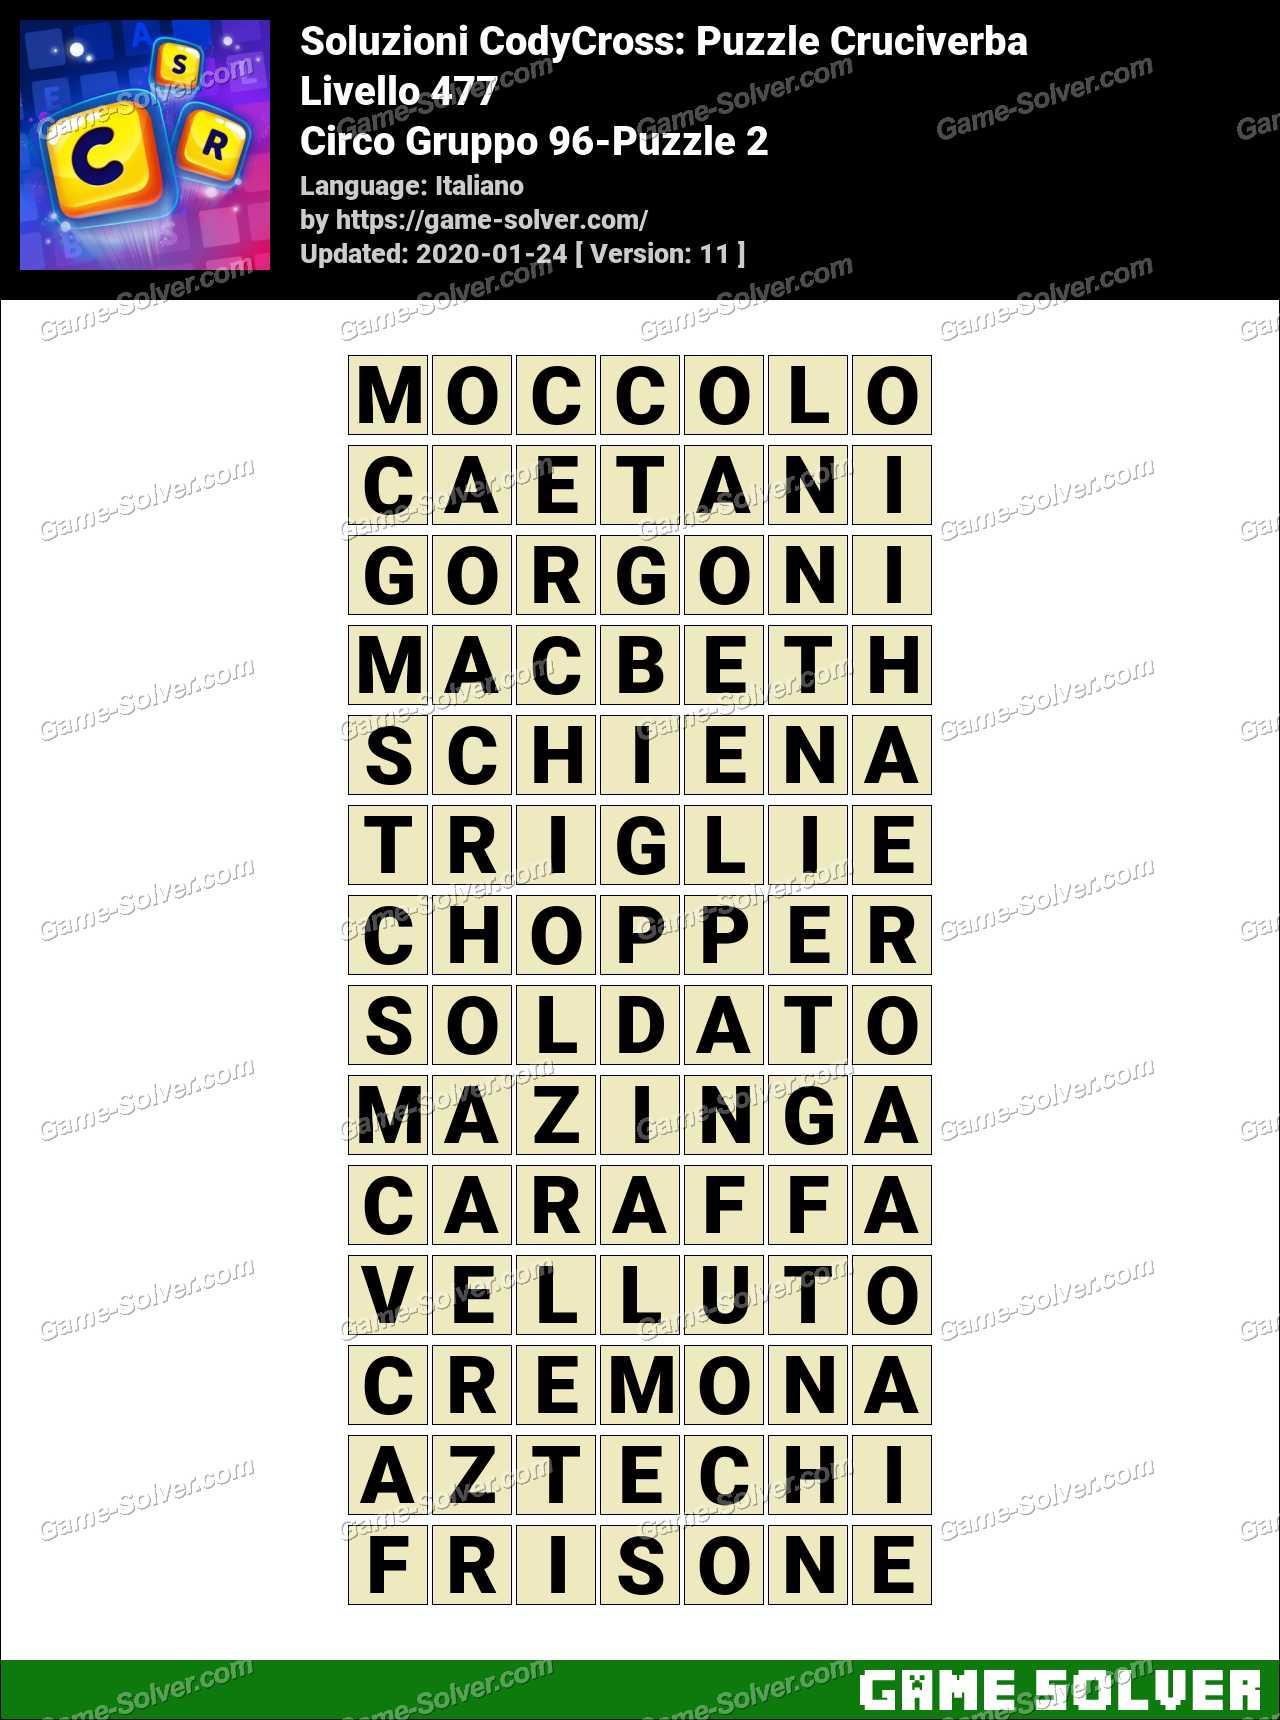 Soluzioni CodyCross Circo Gruppo 96-Puzzle 2